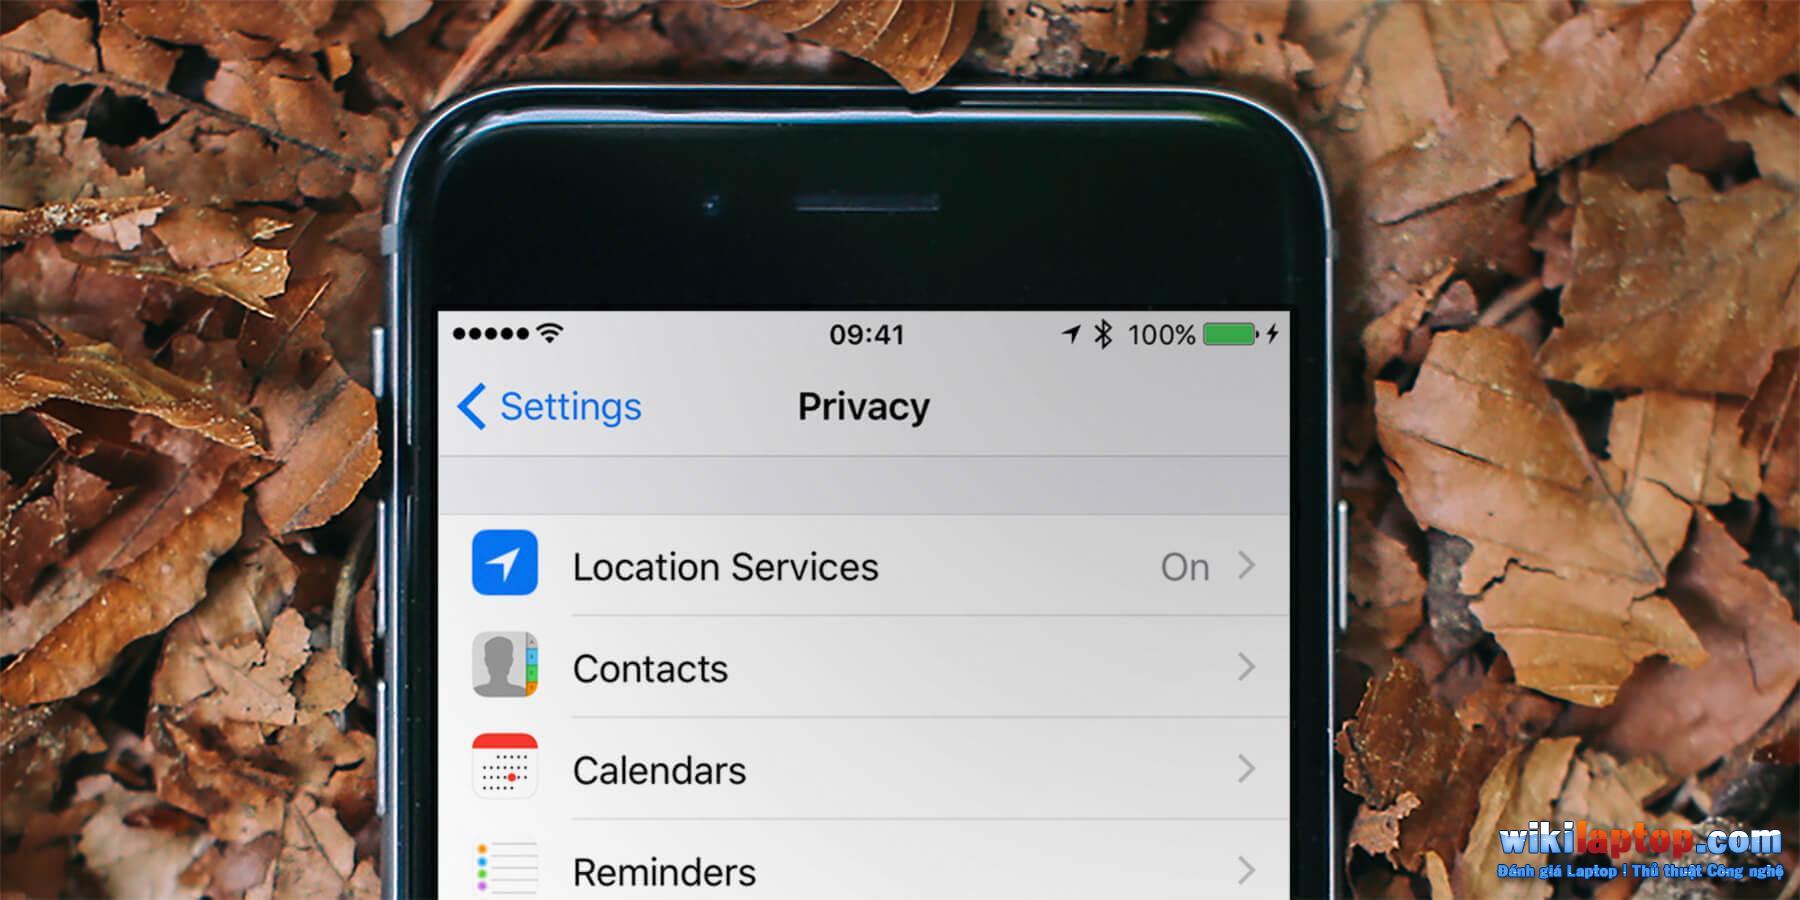 Sforum - Trang thông tin công nghệ mới nhất kiểm tra tiêu đề riêng tư của bạn Kiểm tra cài đặt bảo mật iPhone chỉ bằng hai bước đơn giản